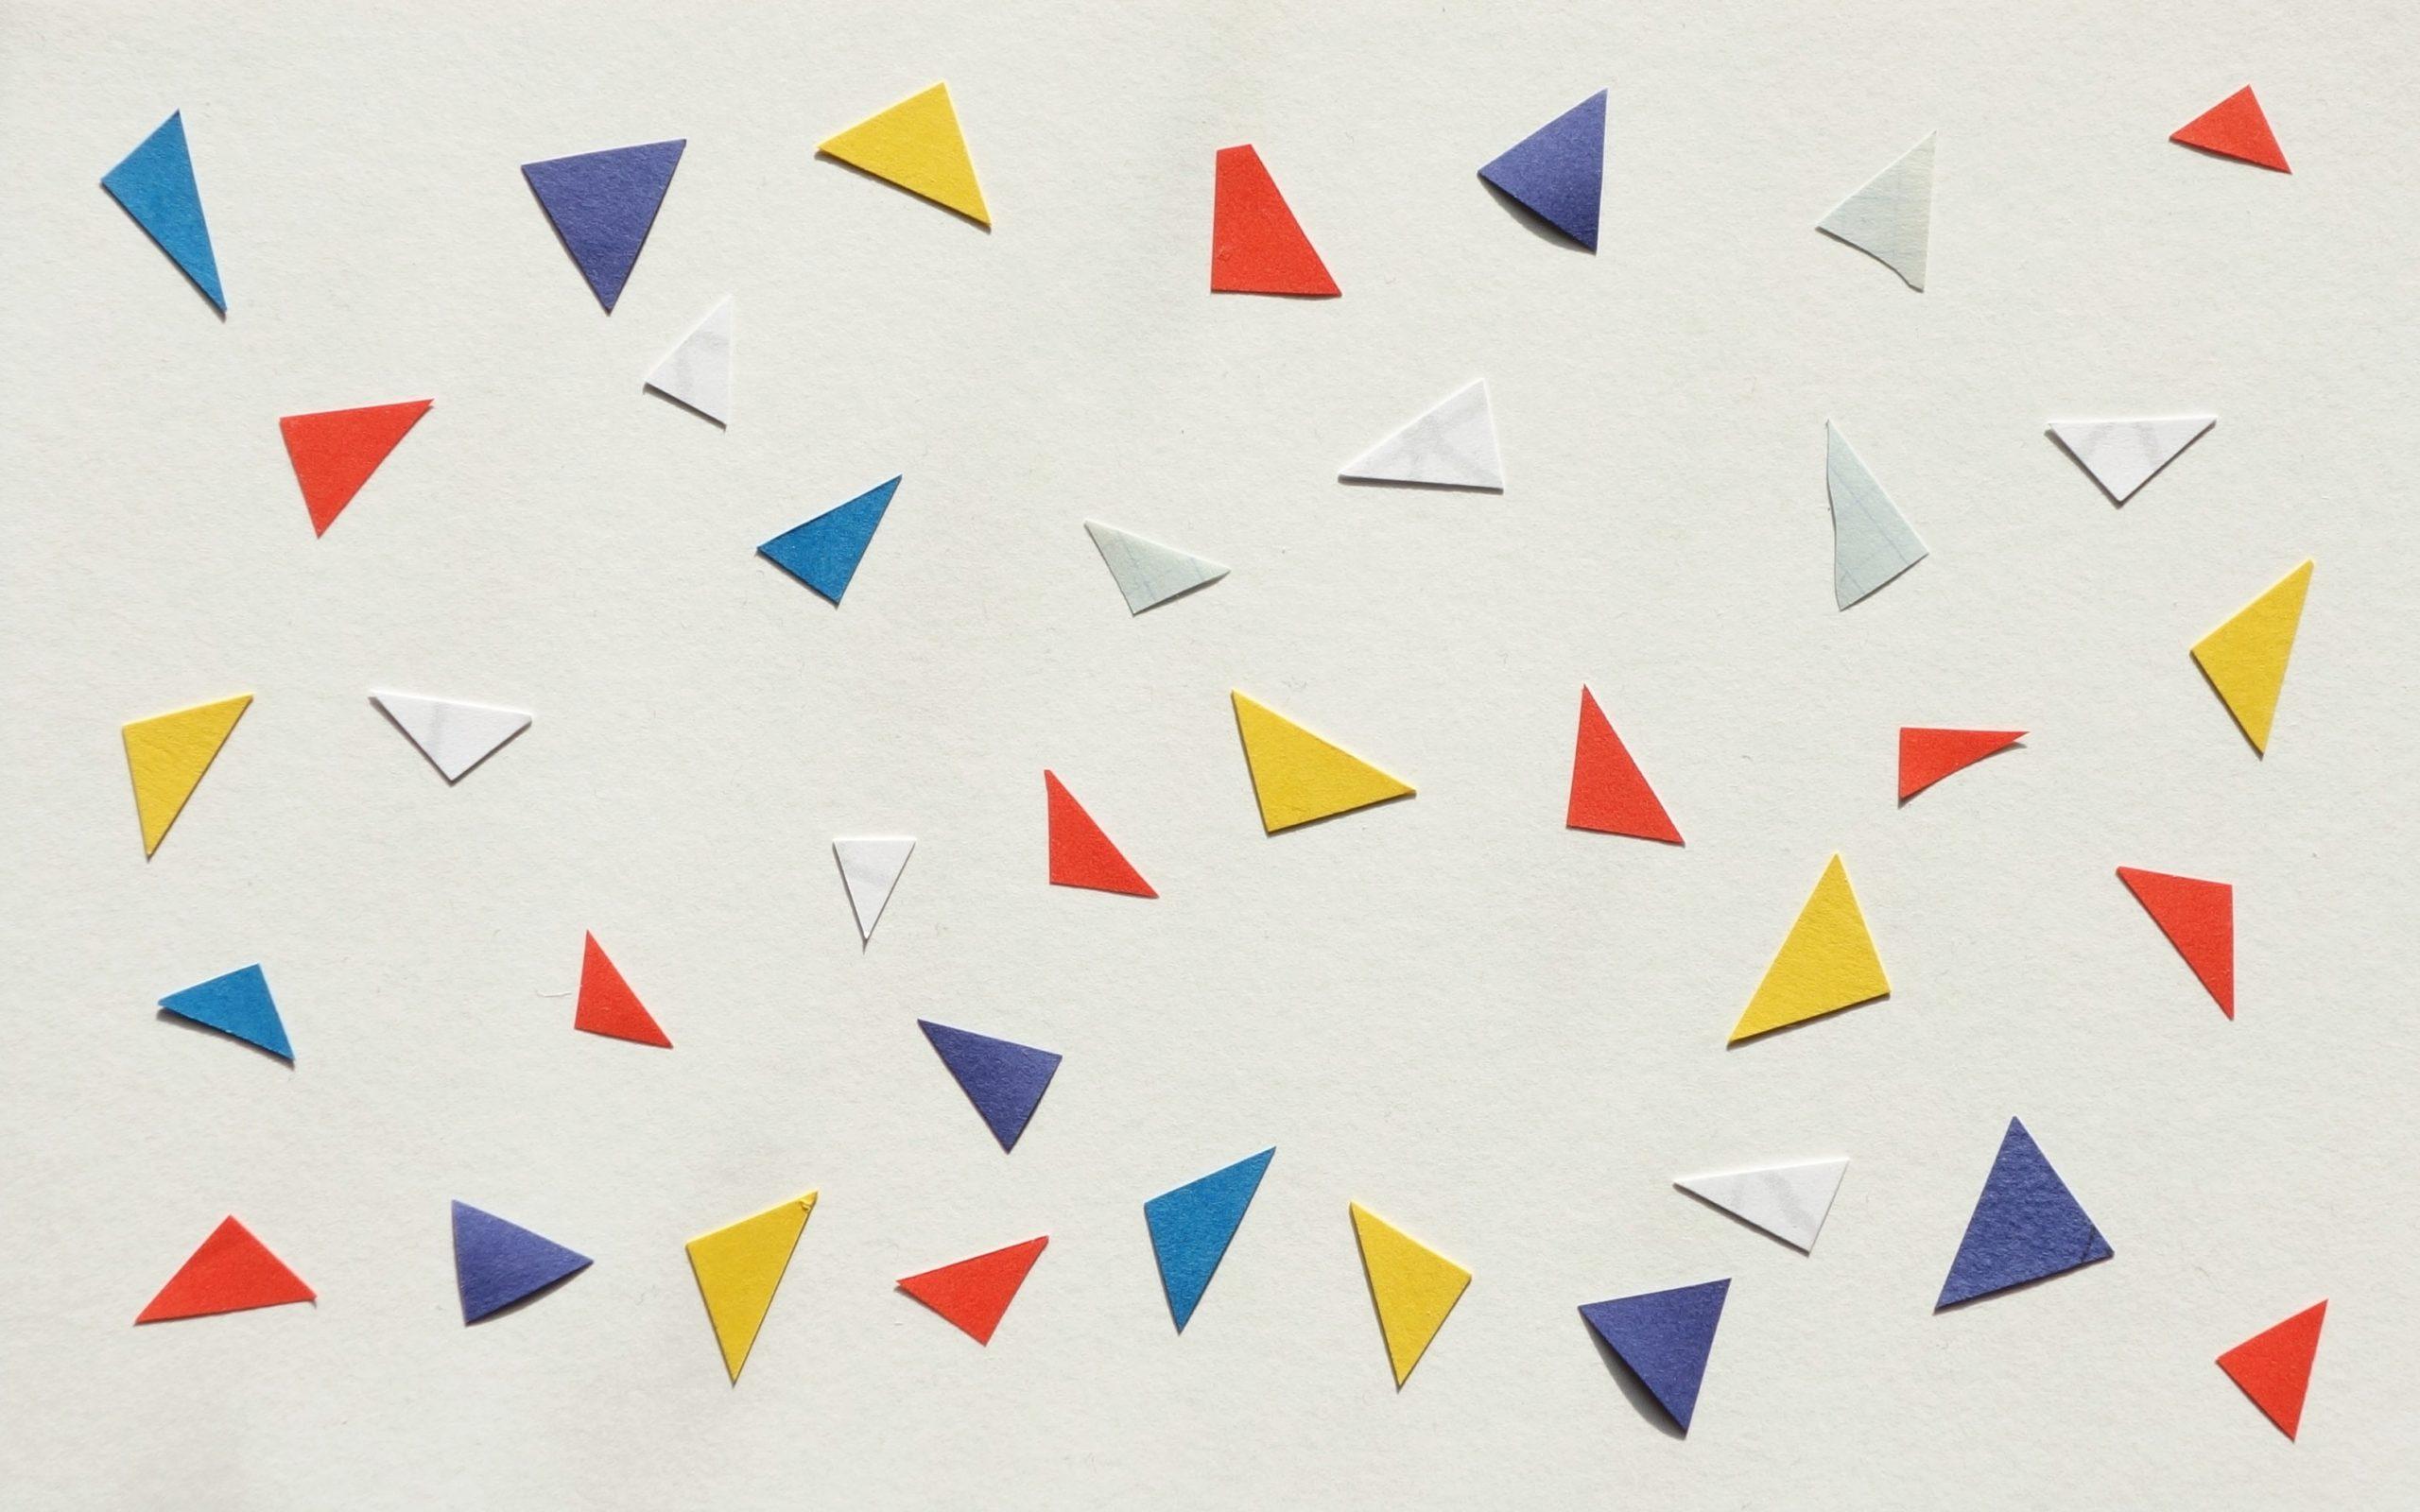 thomas-renaud-origamis-